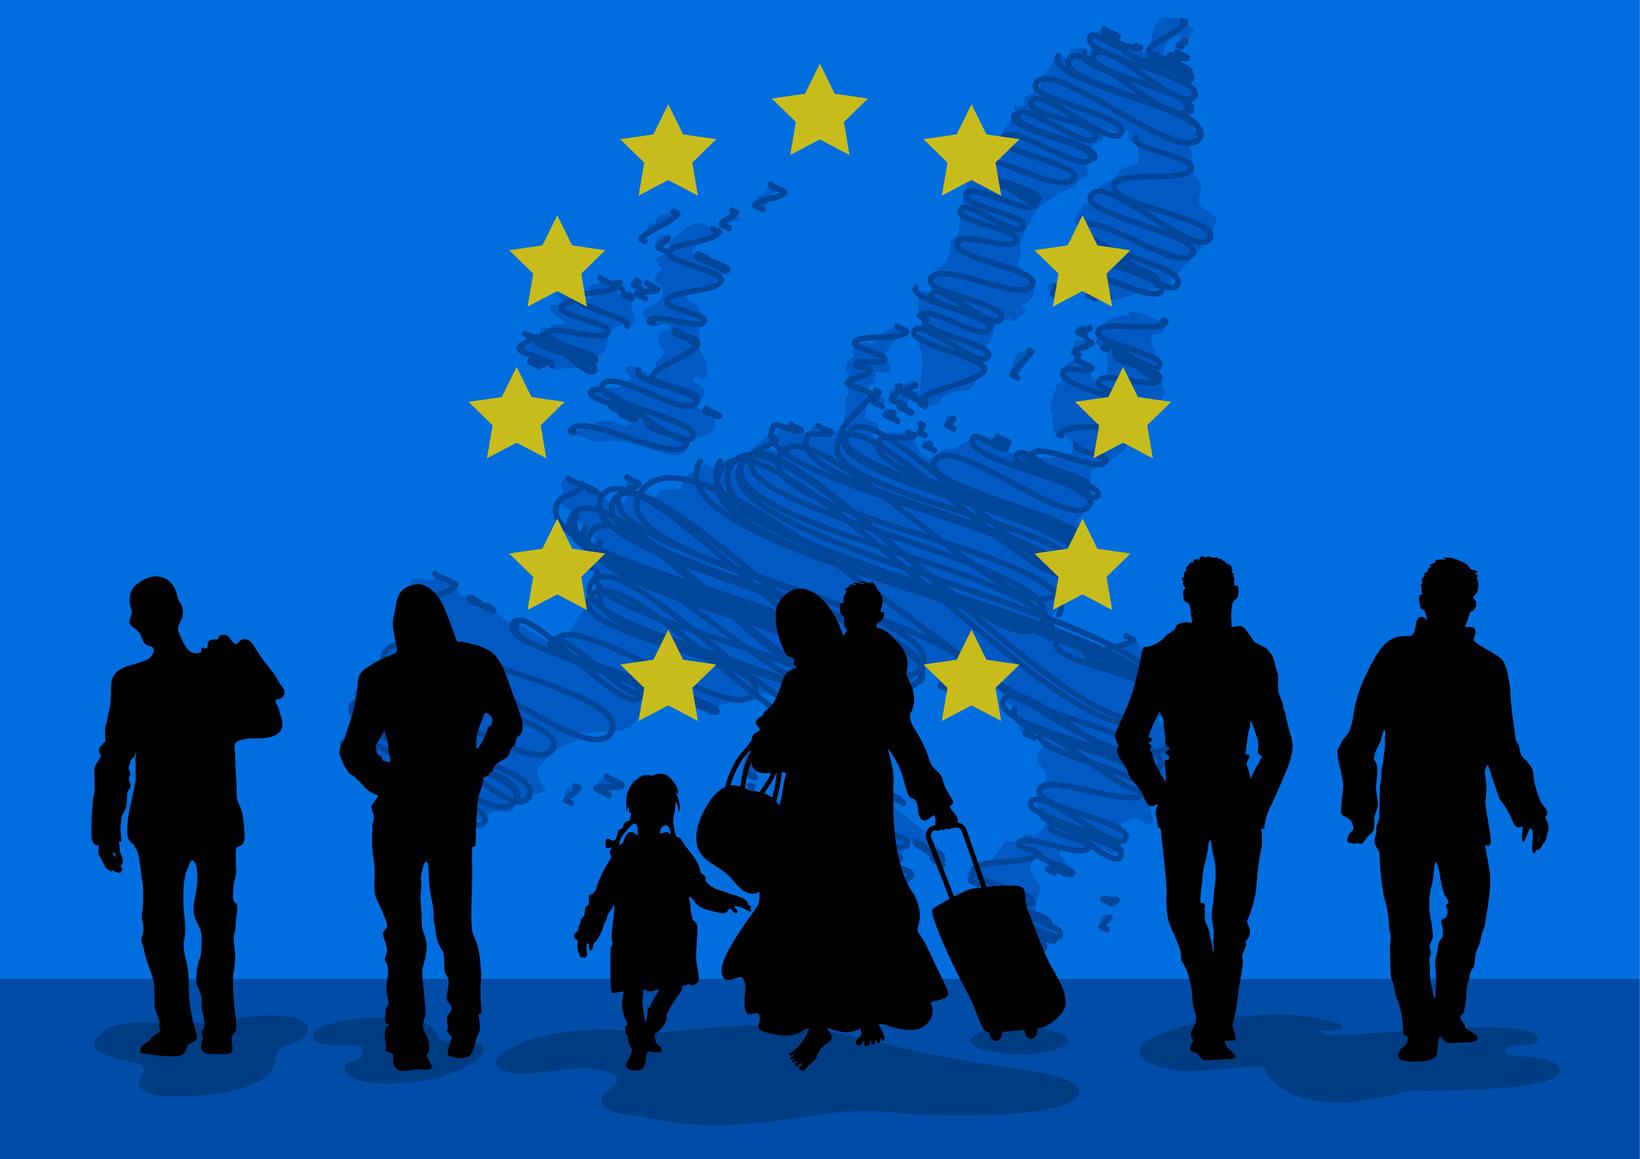 Deutsche Rechtsextremisten wollen Flüchtlingsboote stoppen!